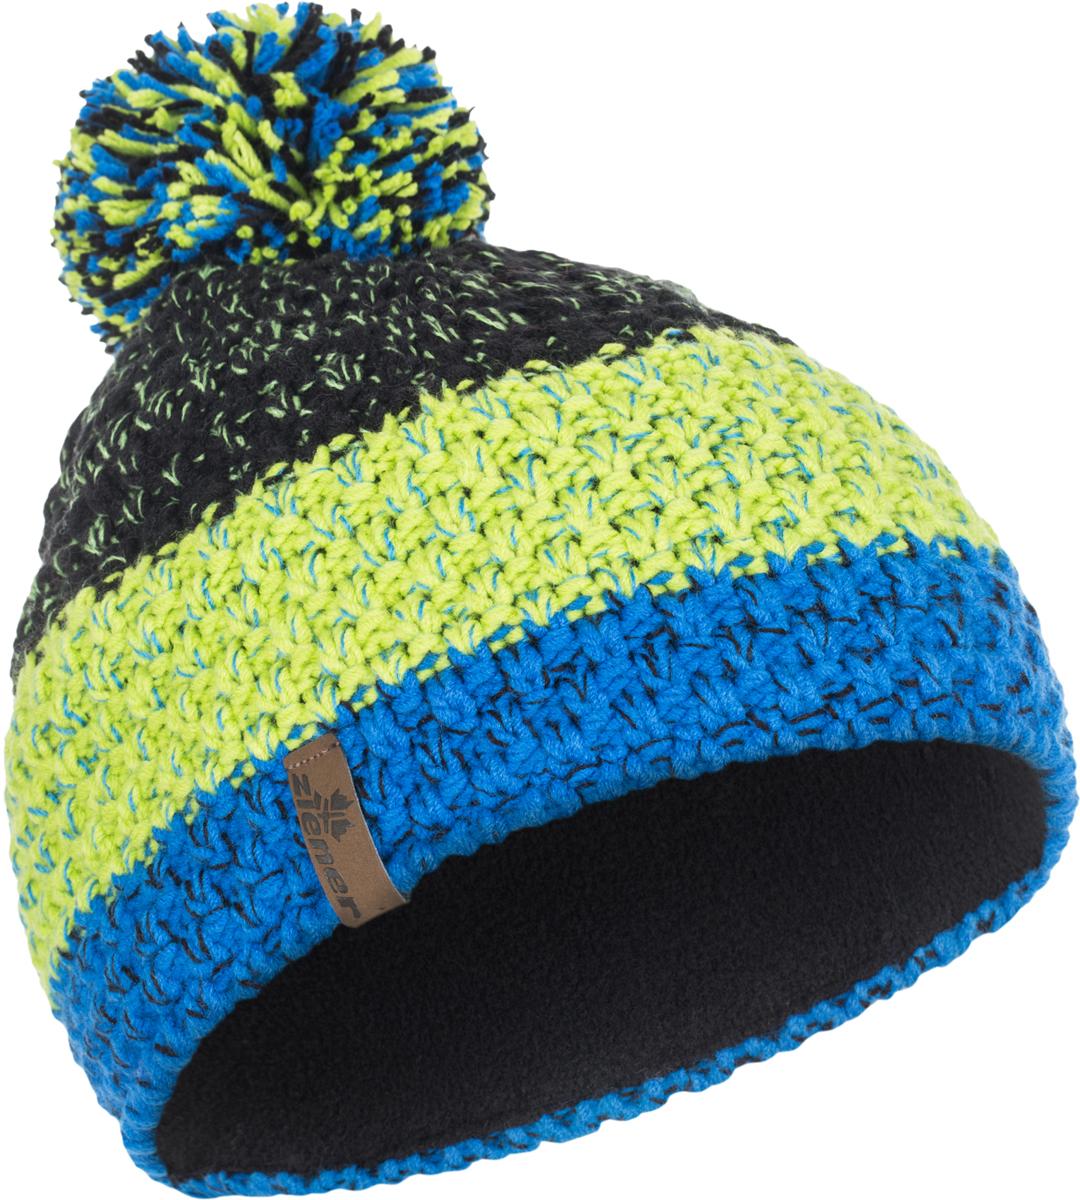 Шапка Ziener Intercontinental Hat, цвет: голубой, салатовый, черный. 170053-12568. Размер универсальный170053-12568Шапка Ziener Intercontinental Hat отлично дополнит ваш образ в холодную погоду. Модель изготовлена из акриловой пряжи, что максимально сохраняет тепло и обеспечивает удобную посадку. Шапка оформлена помпоном.